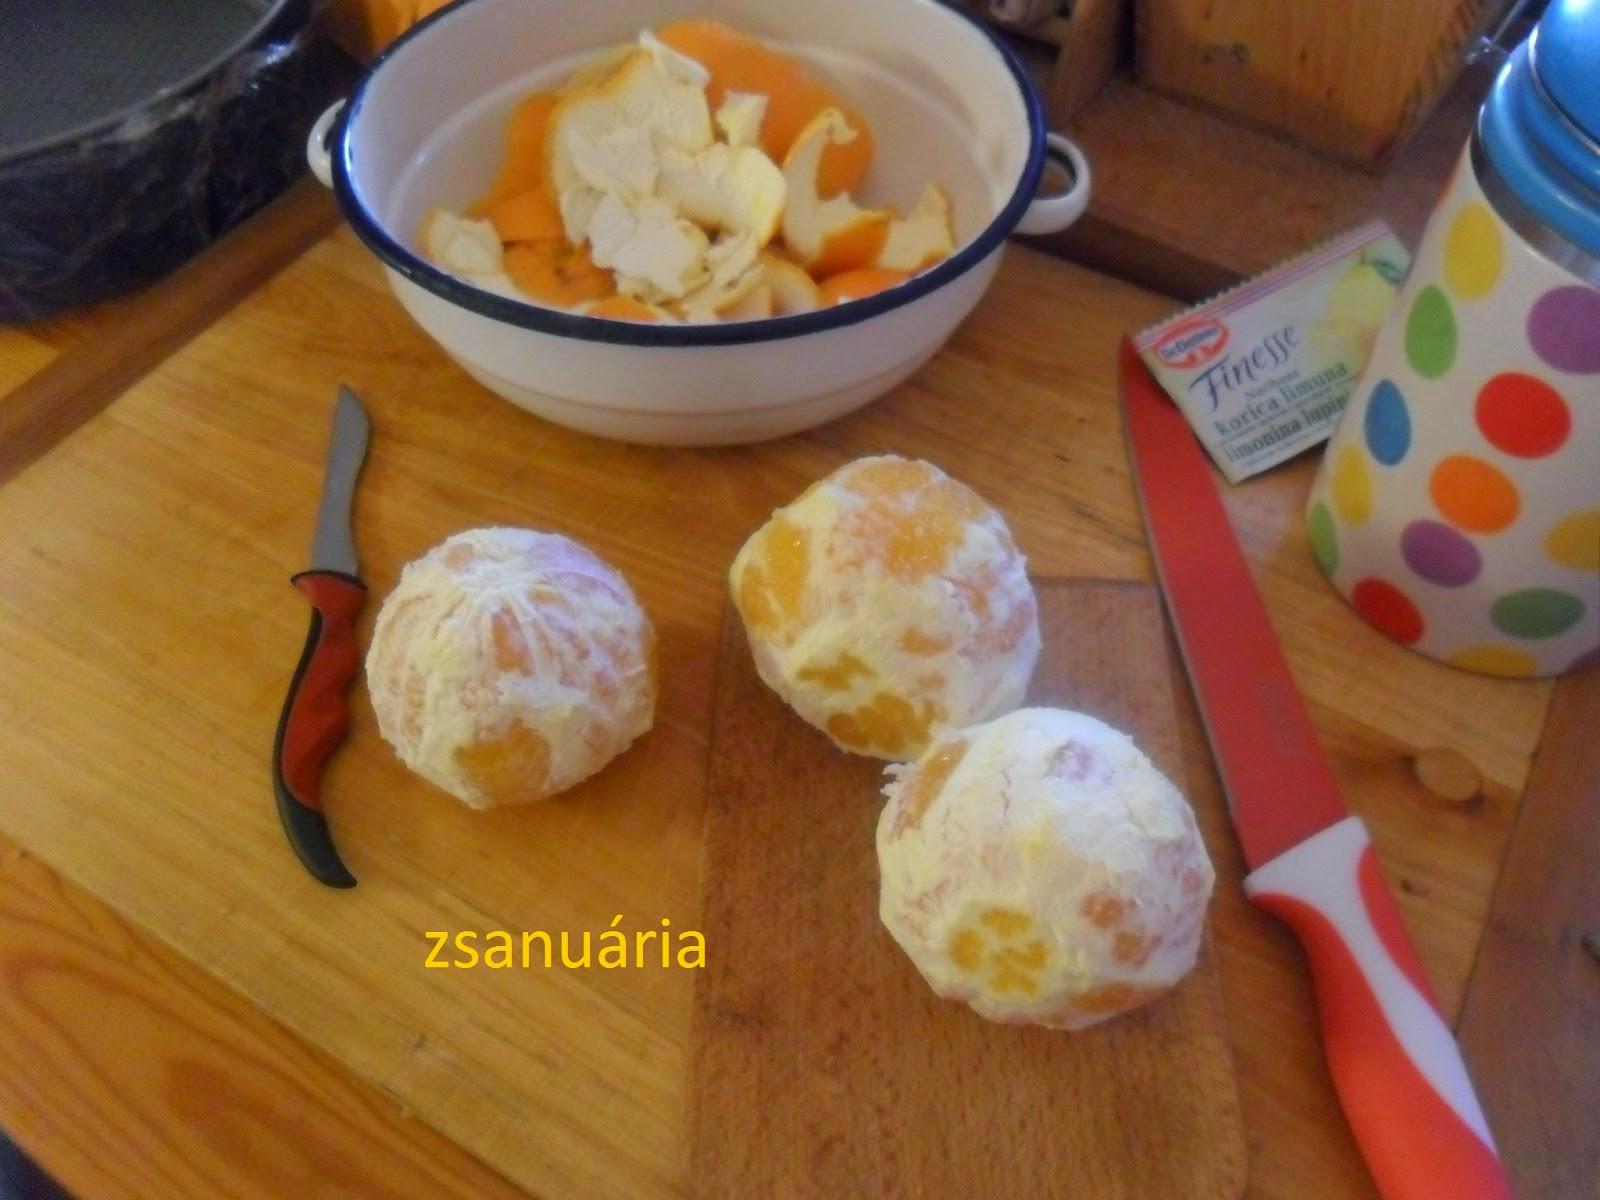 dc7a237927 Zsanuária: Narancstorta... tejfölkrémes gyümölcsös...